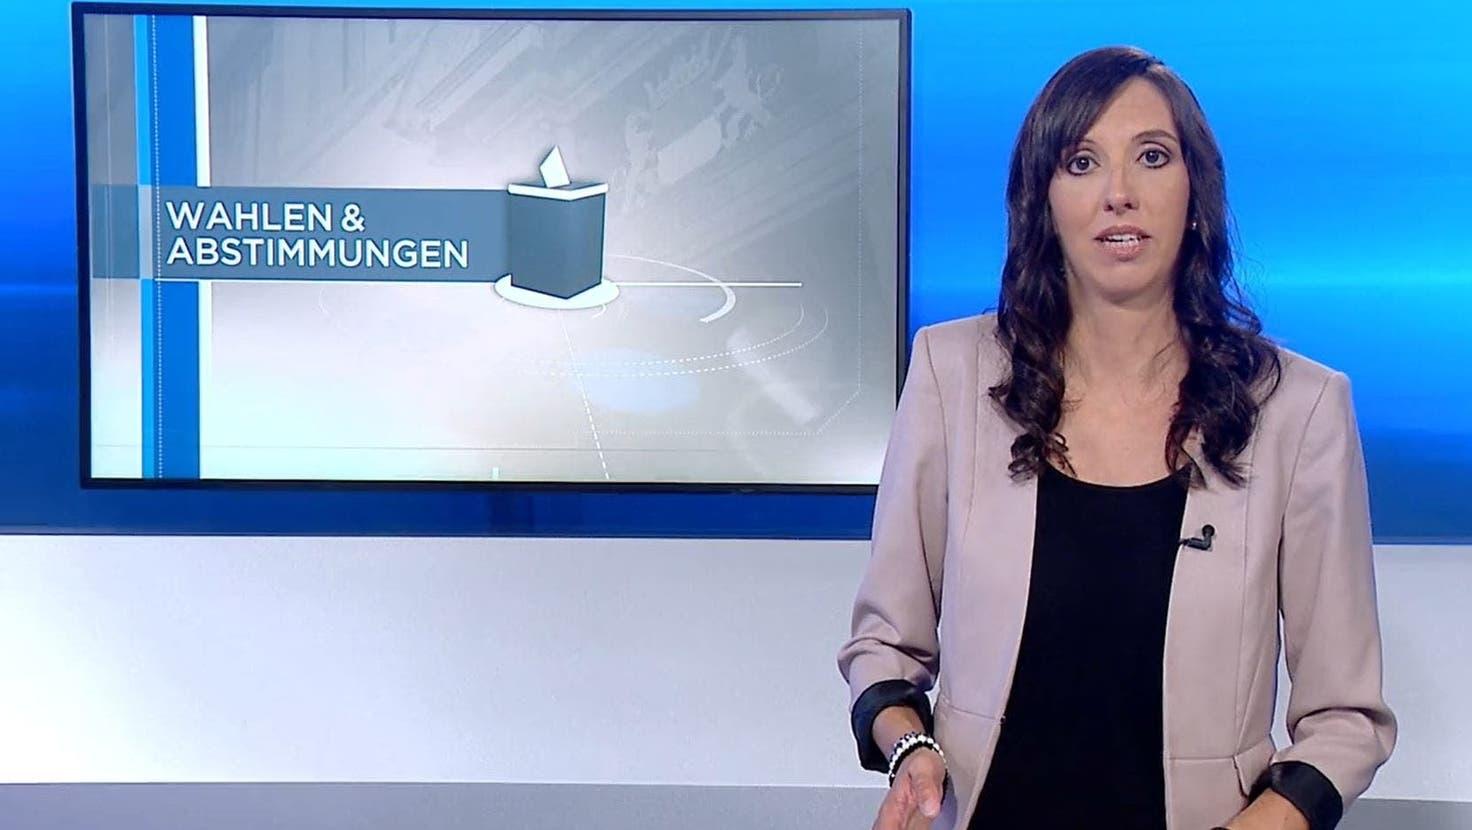 Hier live: Die Solothurner Wahlen und Abstimmungen - Ergebnisse und Reaktionen